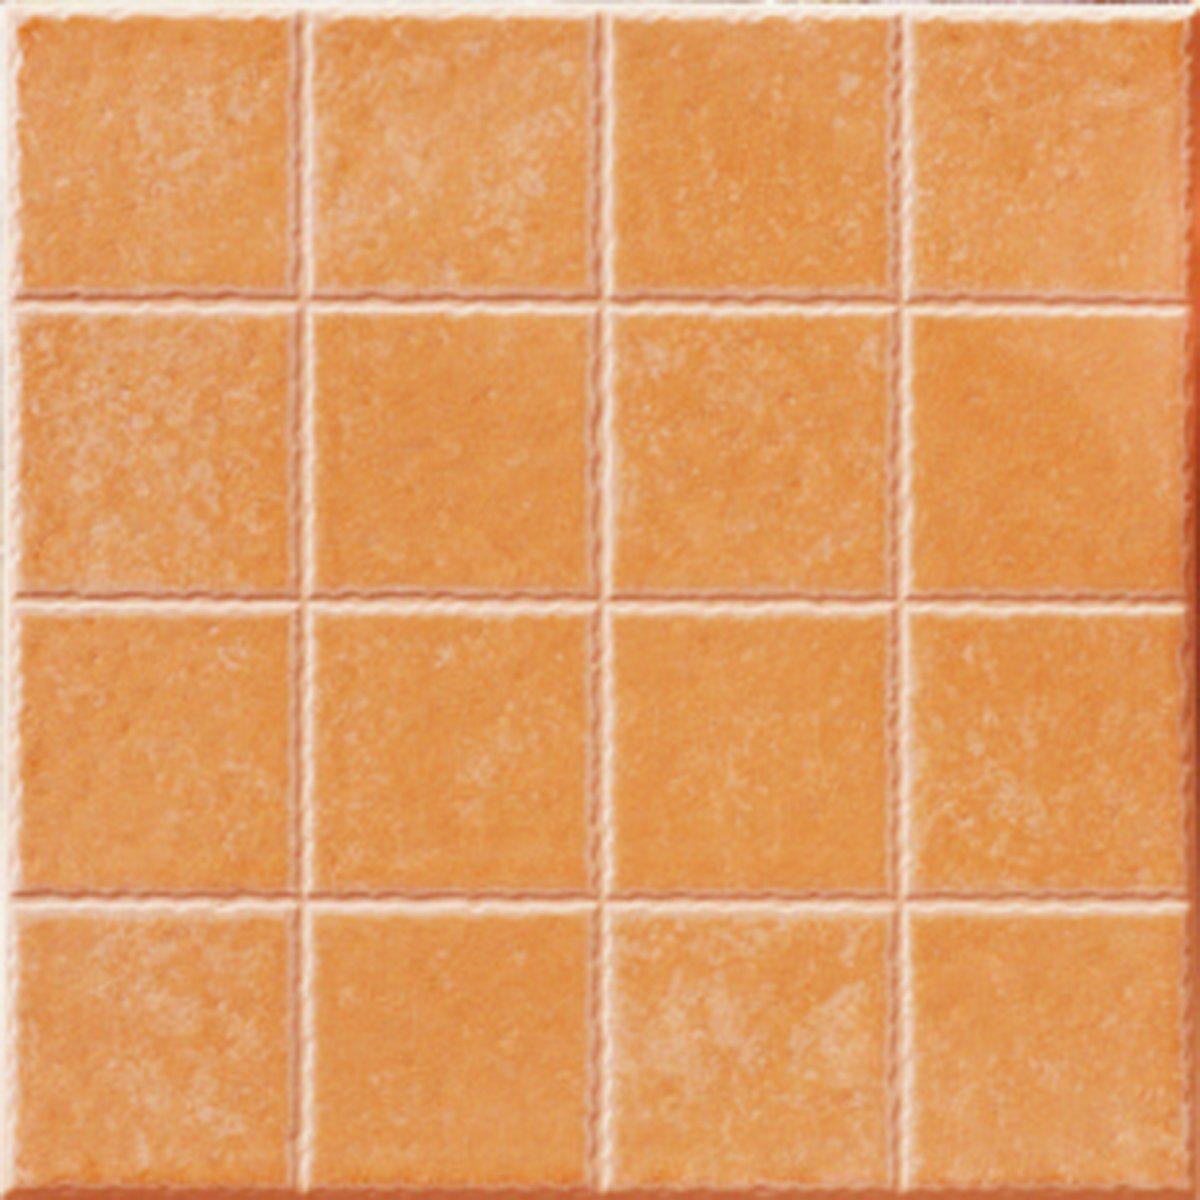 Foto de material de construcci n material decorativo - Suelos de ceramica rusticos ...